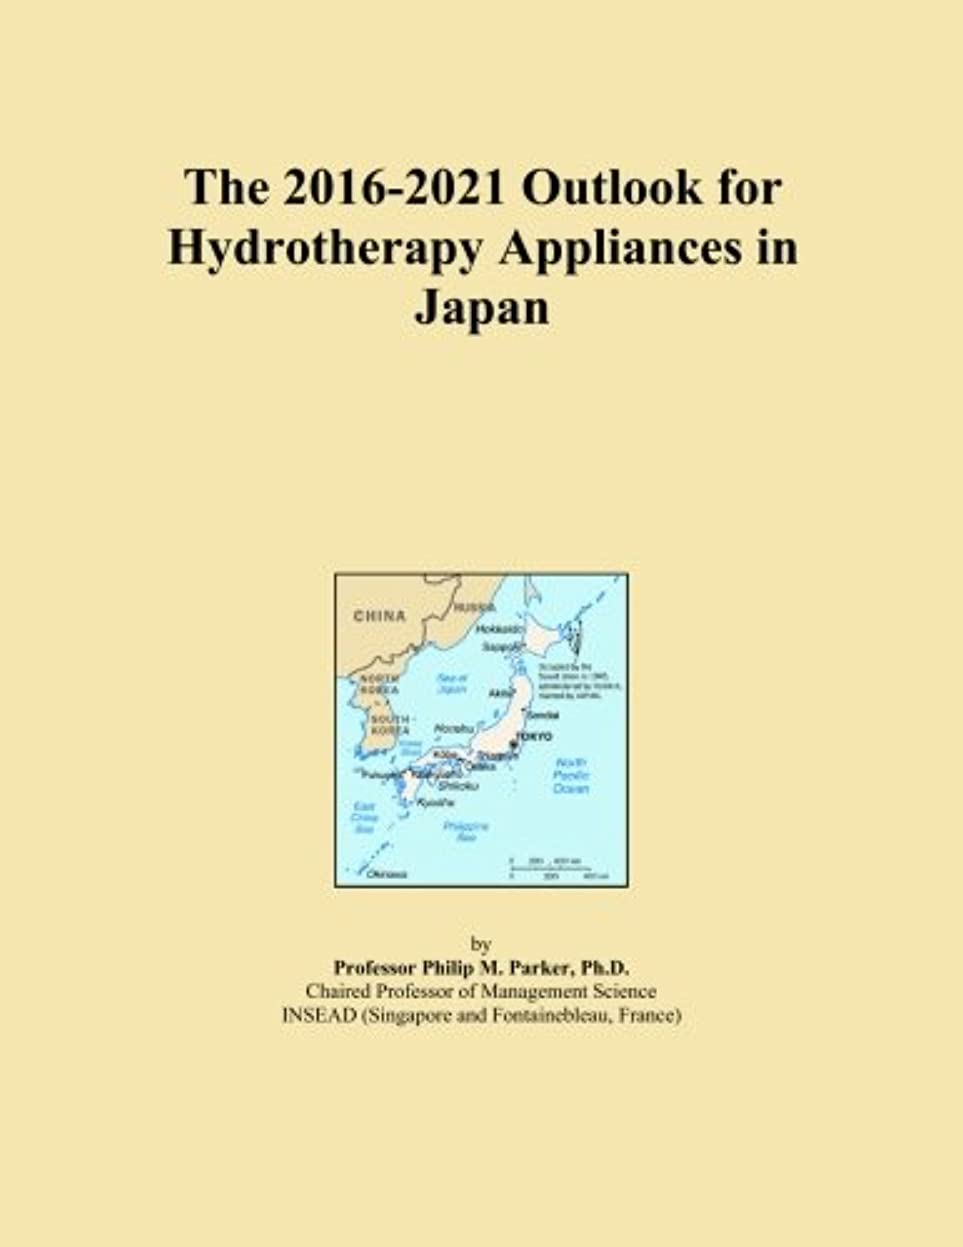 発生生むなめるThe 2016-2021 Outlook for Hydrotherapy Appliances in Japan